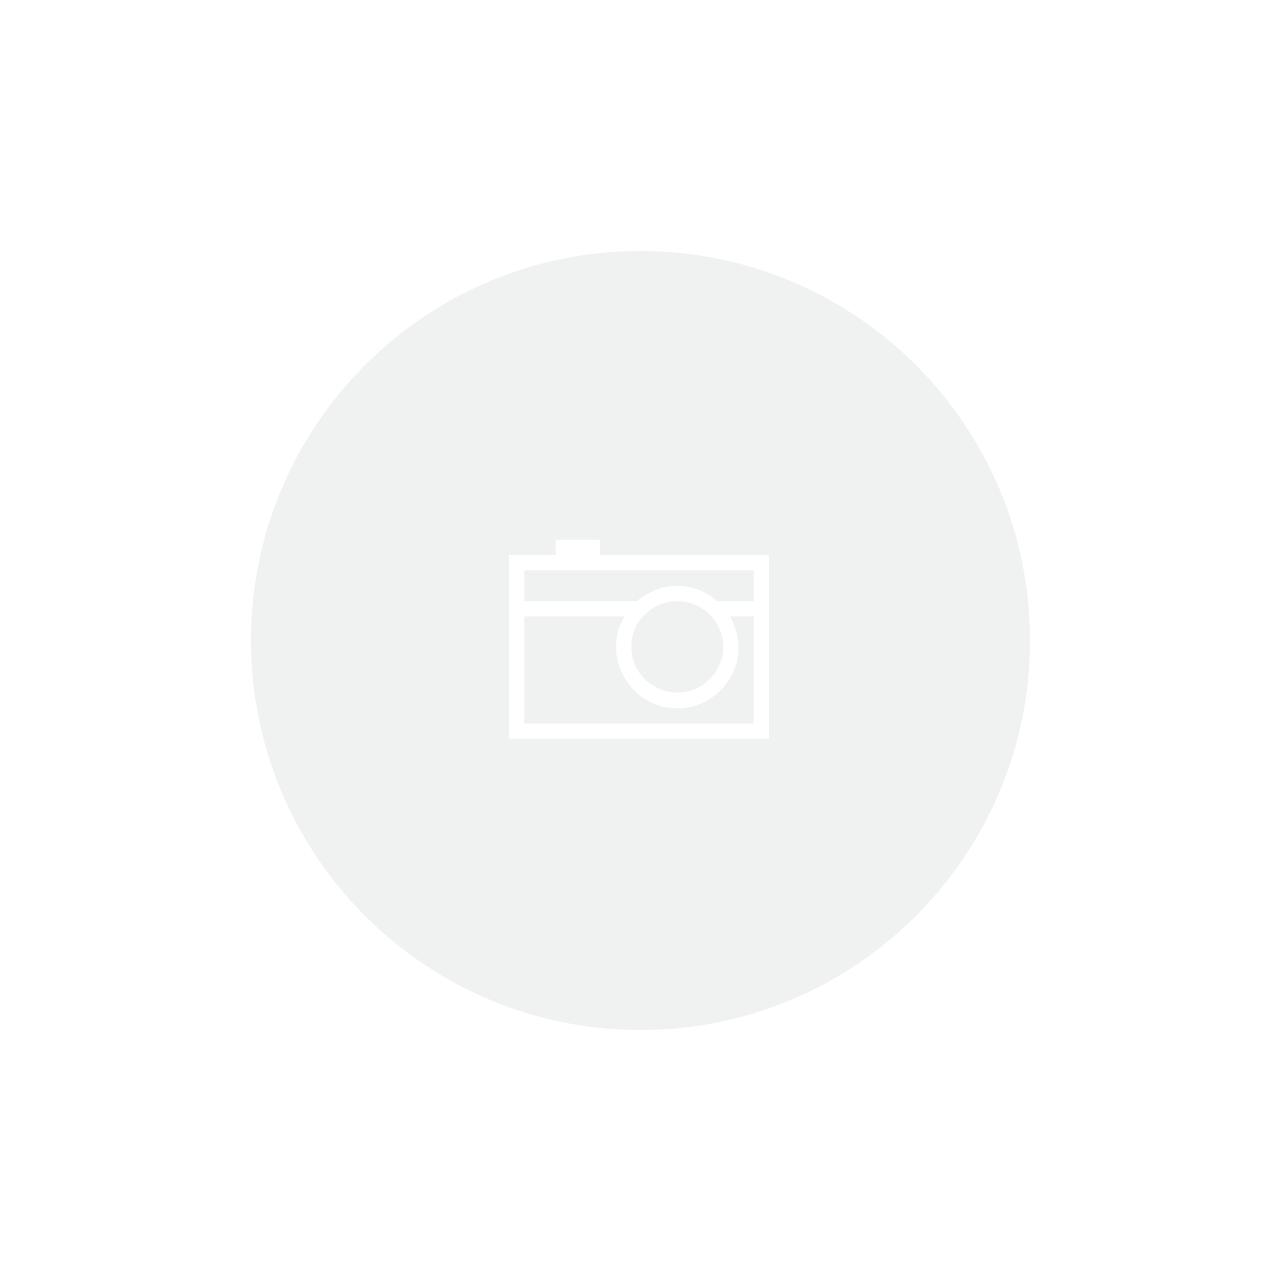 BICICLETA SPEED SOUL TTR1 CARBON 22V SHIMANO 105 (CUSTOM)